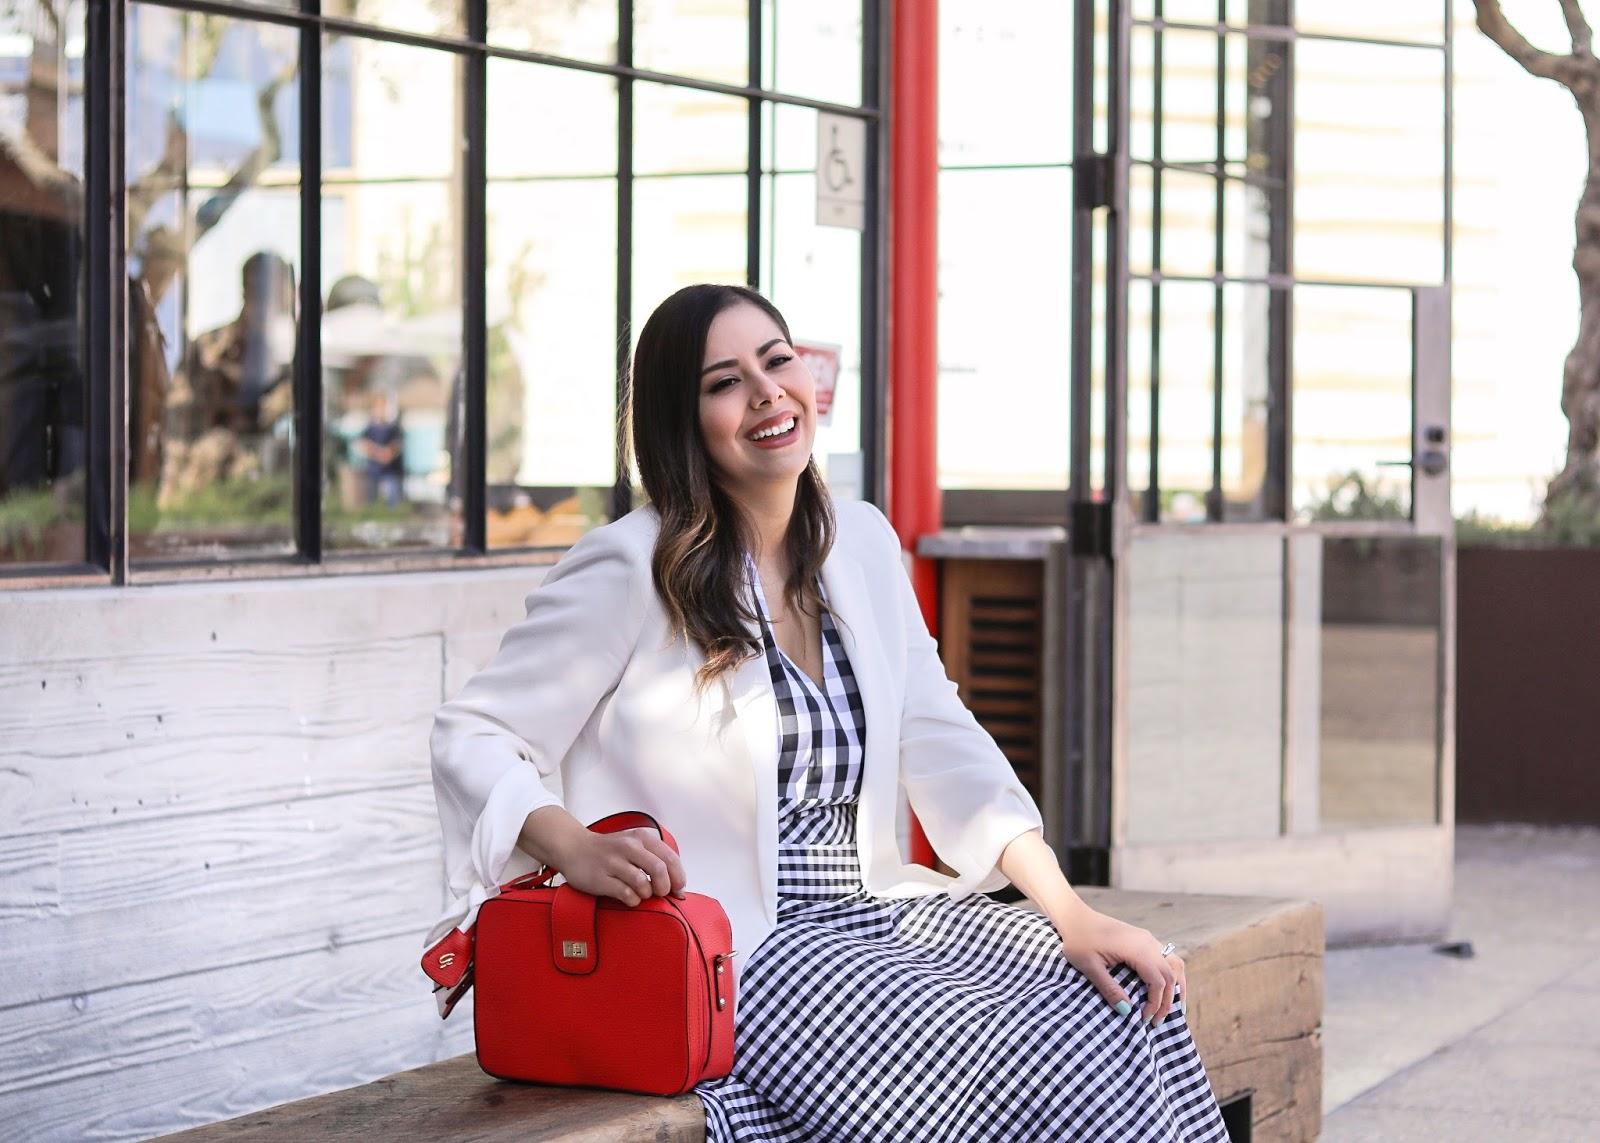 San diego fashion blogger, san diego style blogger, san diego fashionista